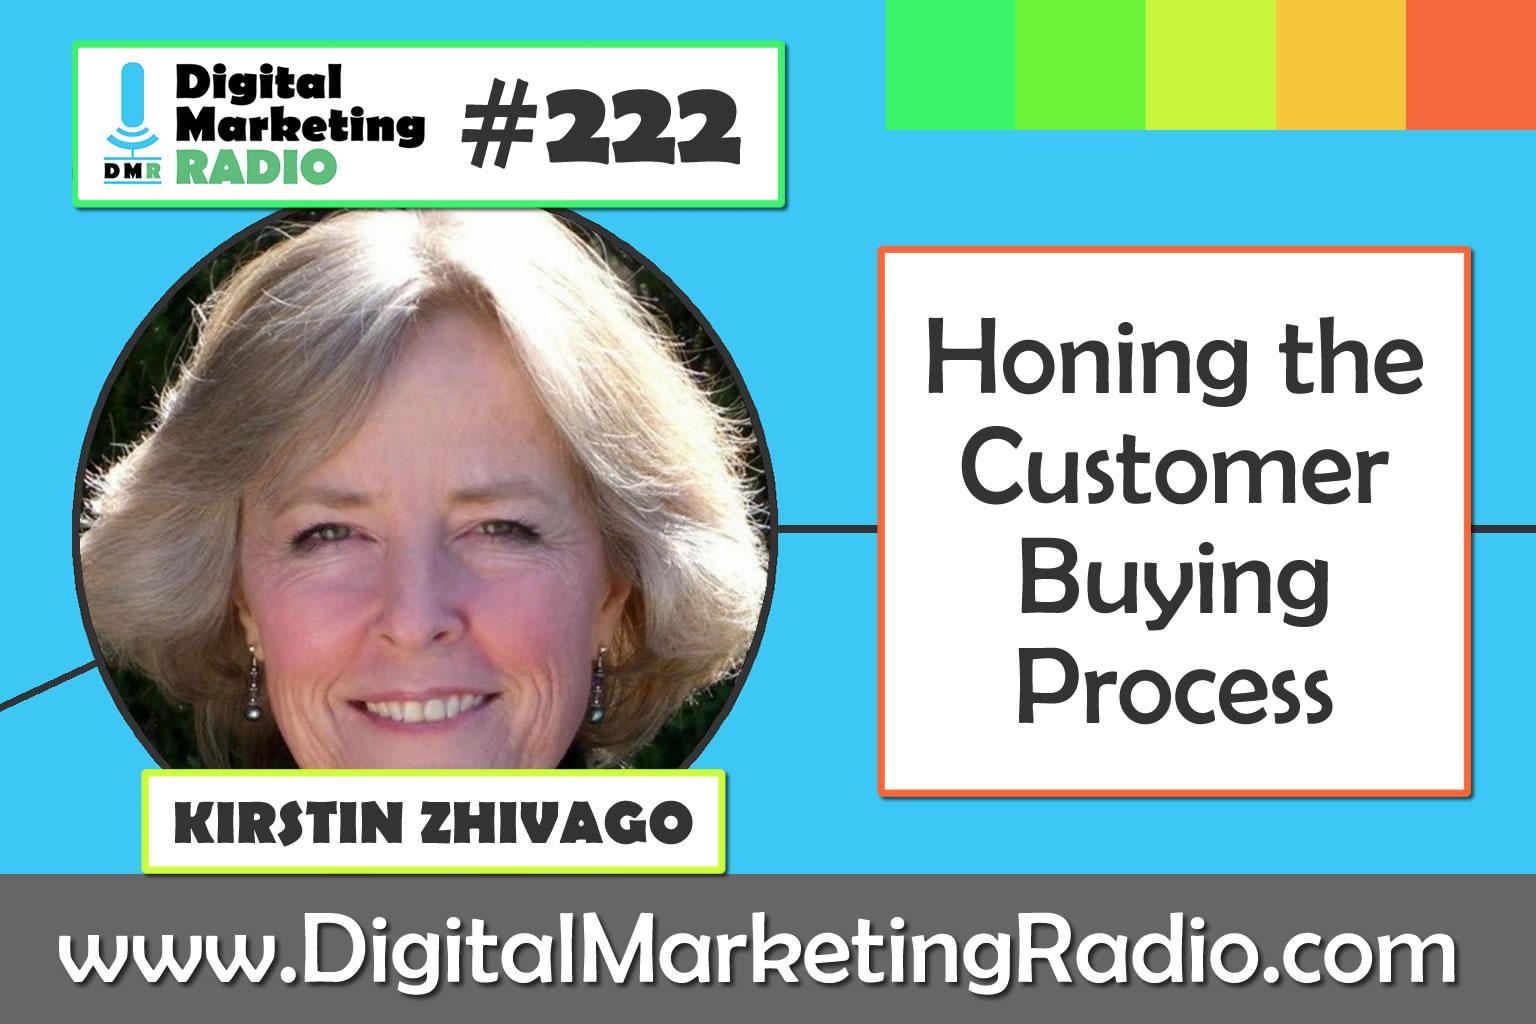 Honing the Customer Buying Process – KRISTIN ZHIVAGO